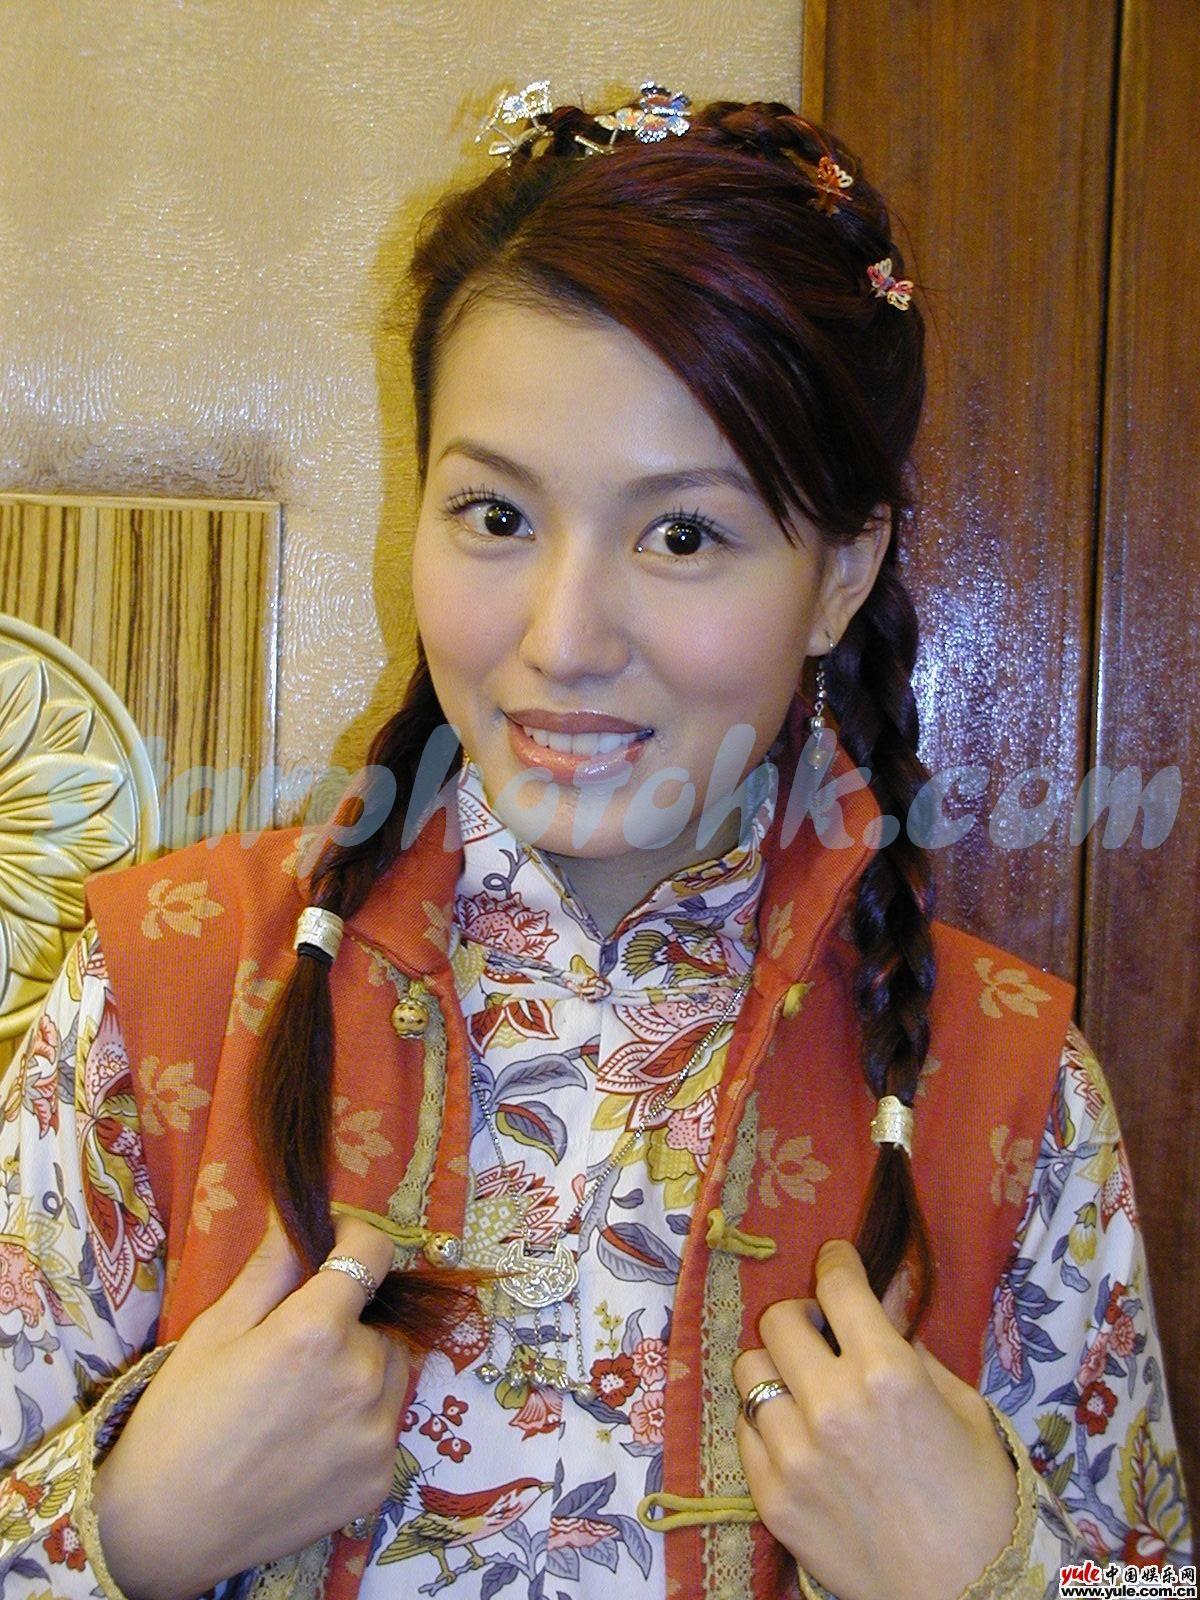 音乐资讯_黄纪莹_明星档案_写真_图片_资料_照片_中国娱乐网